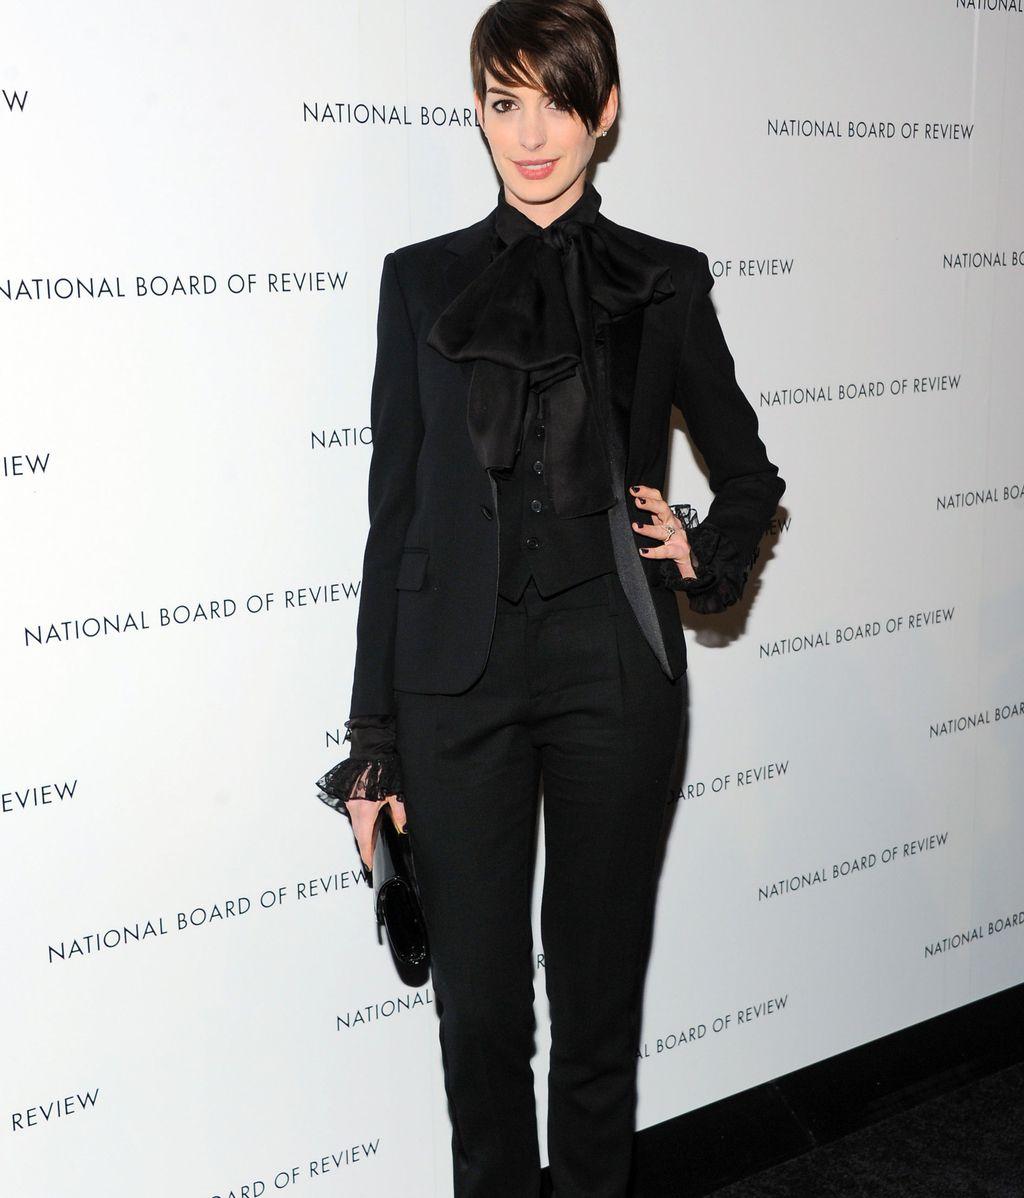 Camisa con lazo y look 'total black', la apuesta de Anne Hathaway